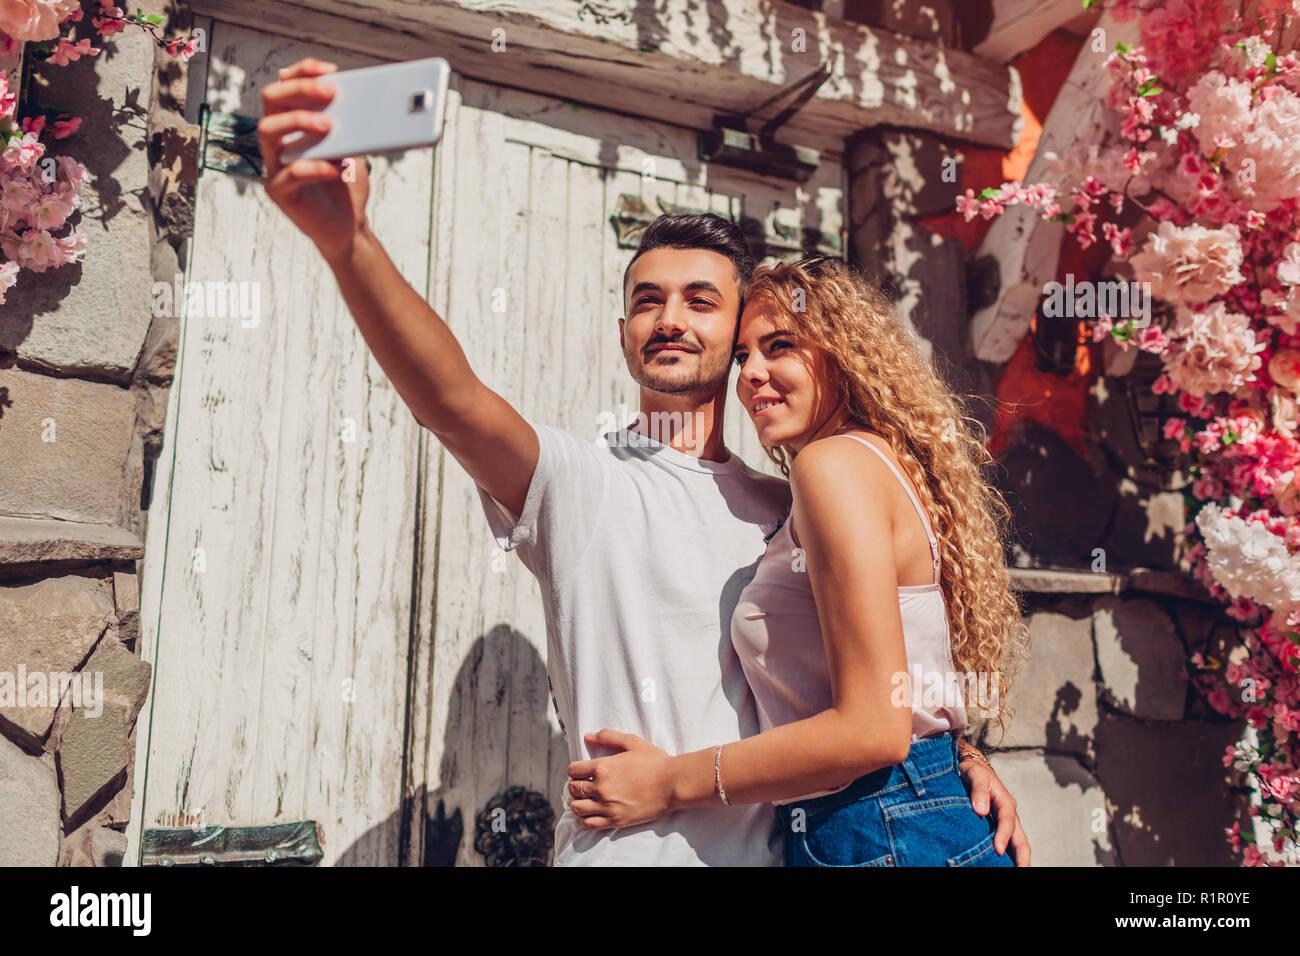 Free sex date australian dating sites eldre porno gratis par søker mann model escort.